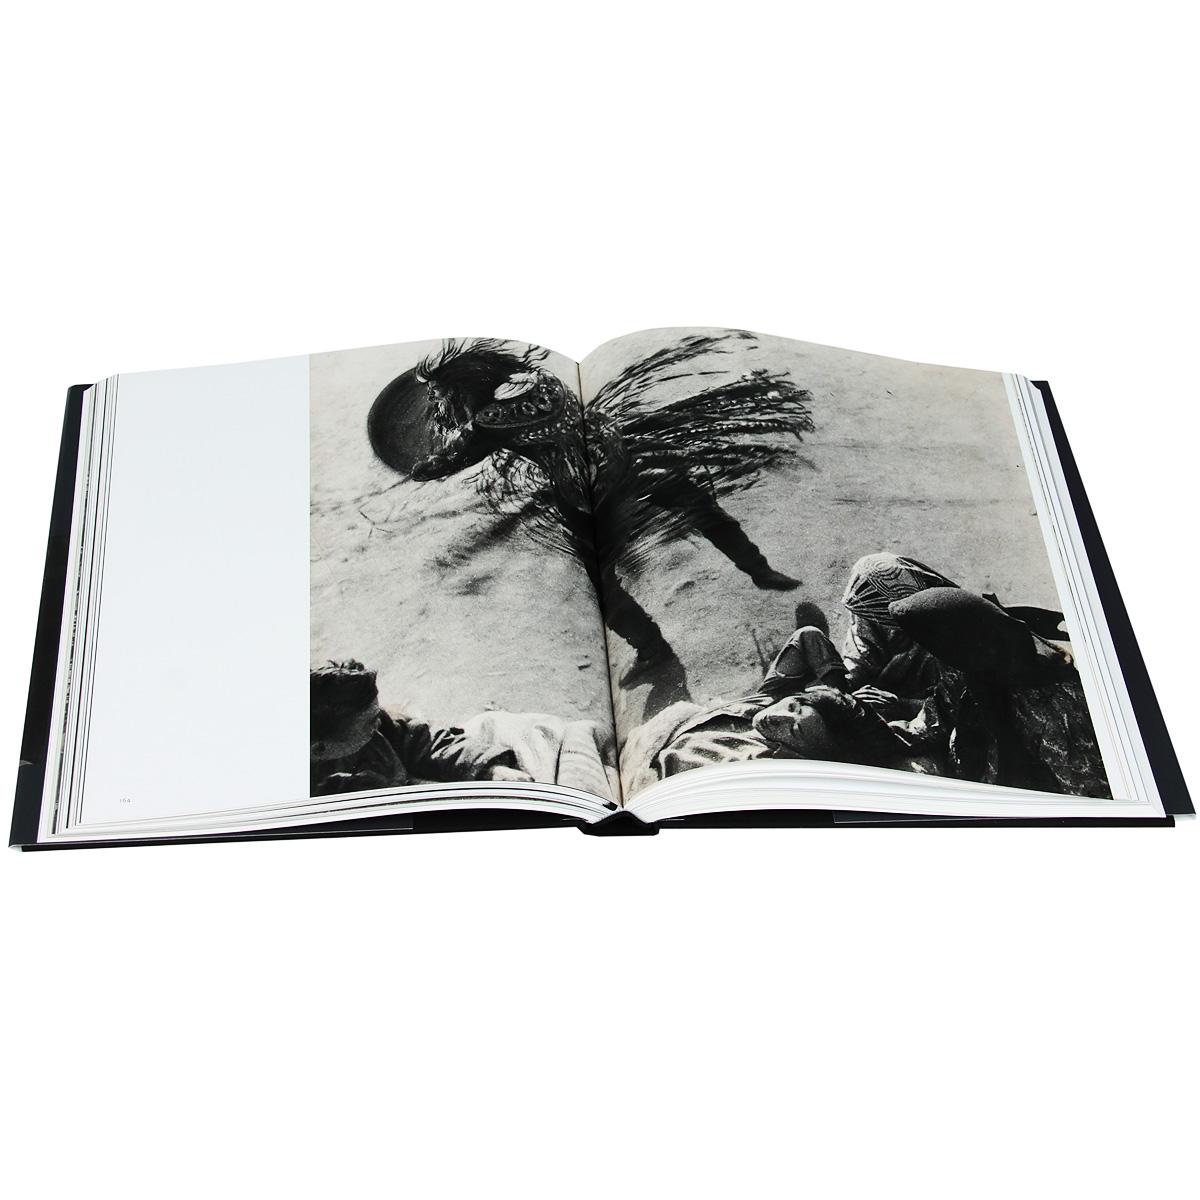 Фотографическая история. 1840-1950. Из фондов Российского государственного архива литературы и искусства